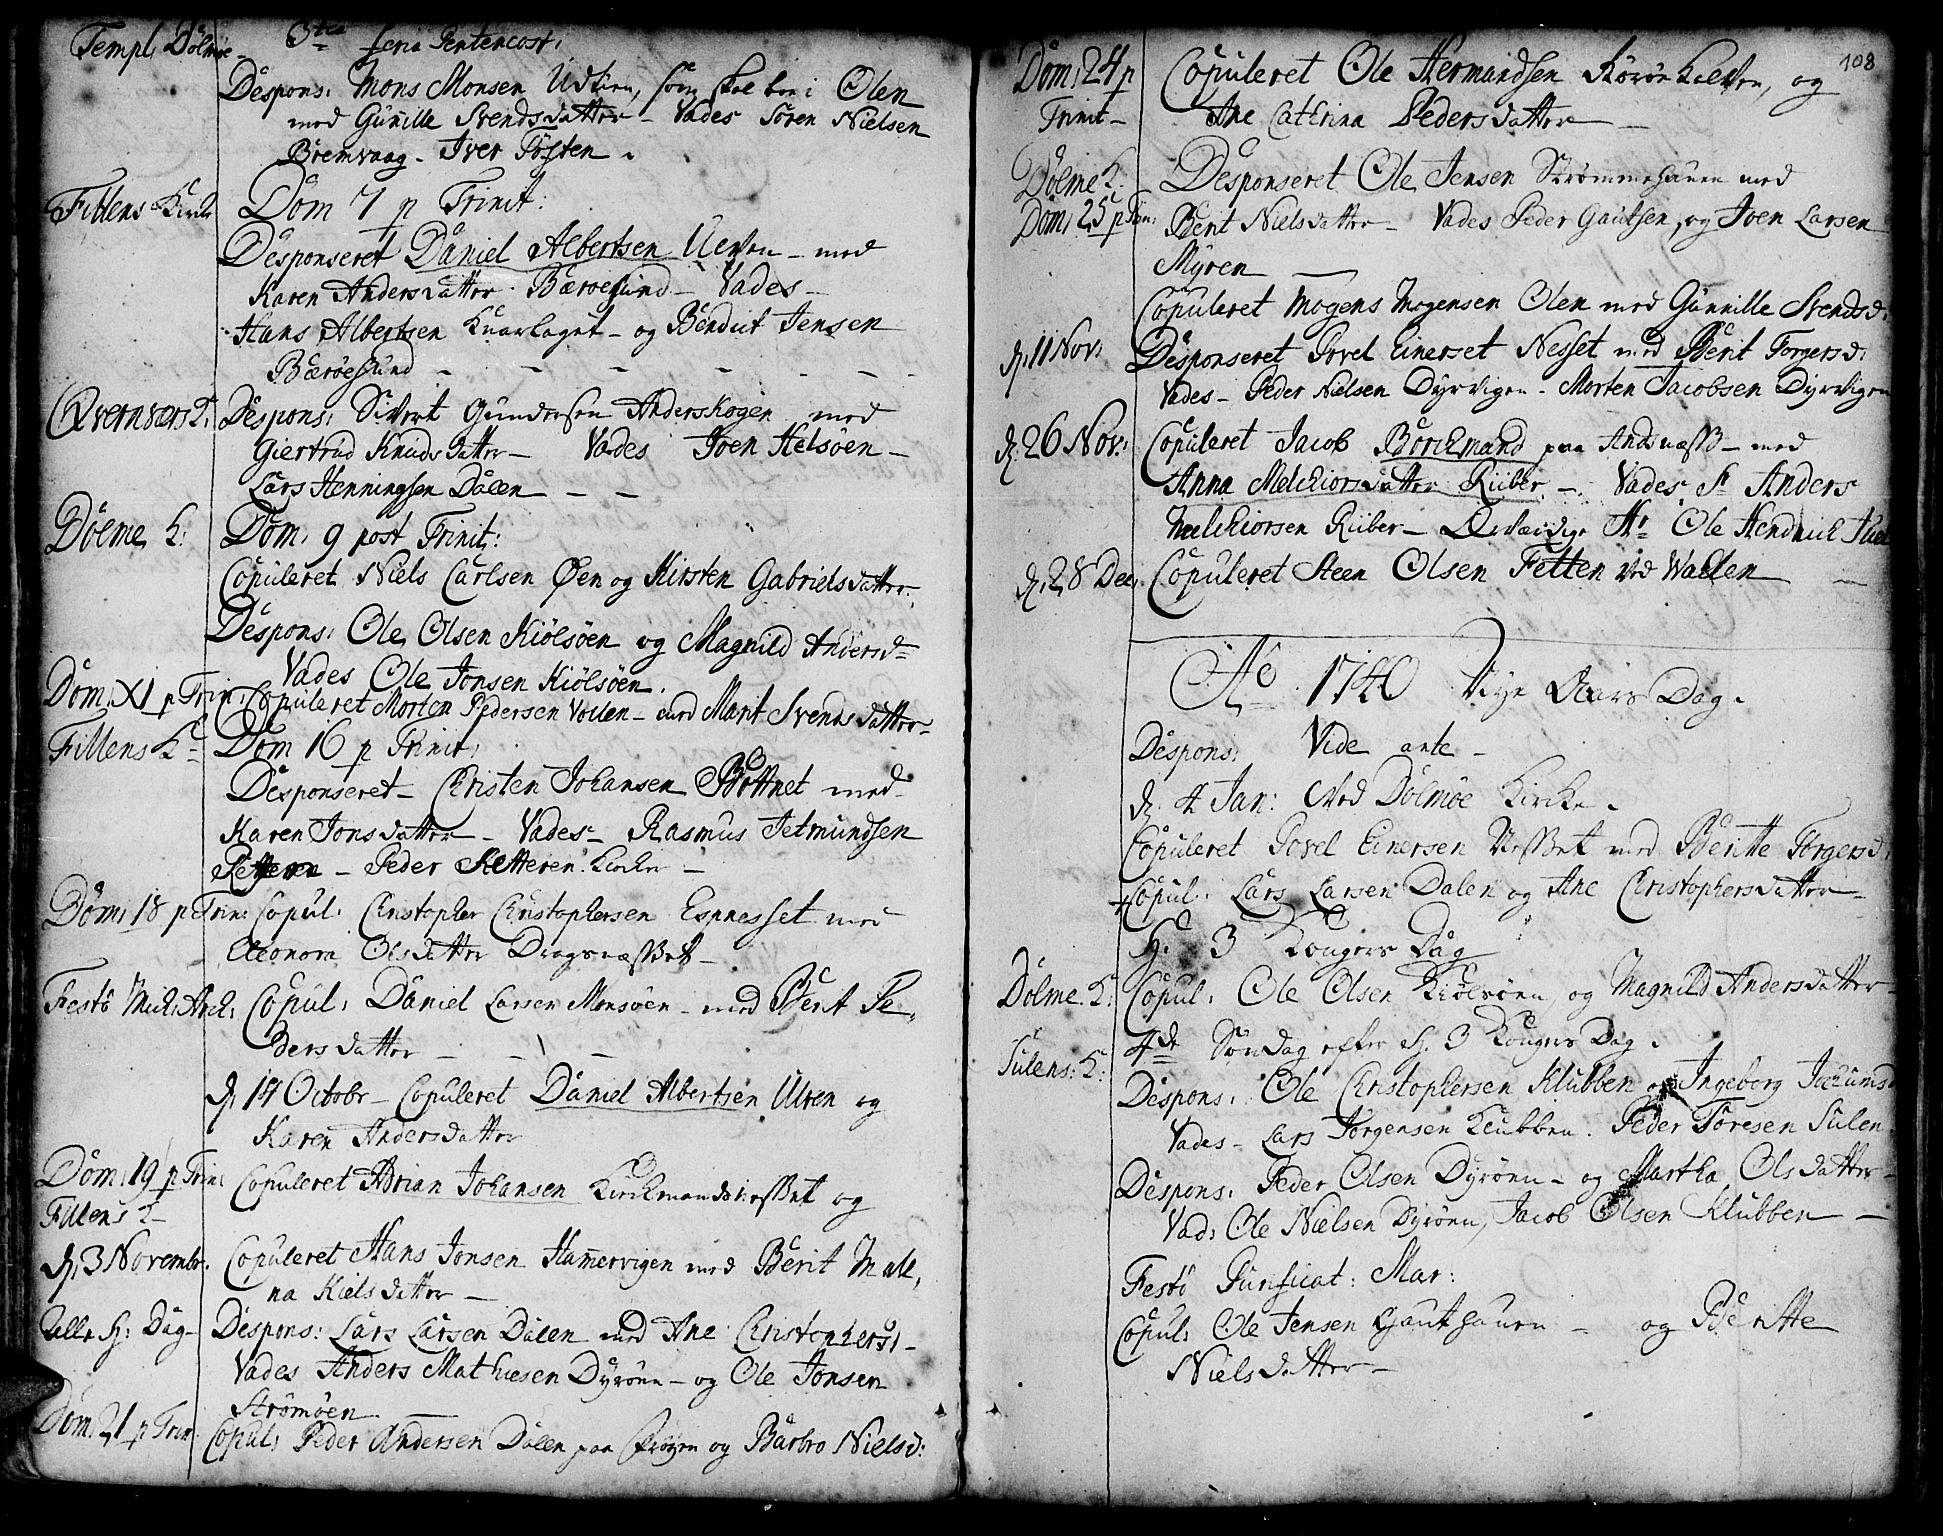 SAT, Ministerialprotokoller, klokkerbøker og fødselsregistre - Sør-Trøndelag, 634/L0525: Ministerialbok nr. 634A01, 1736-1775, s. 108